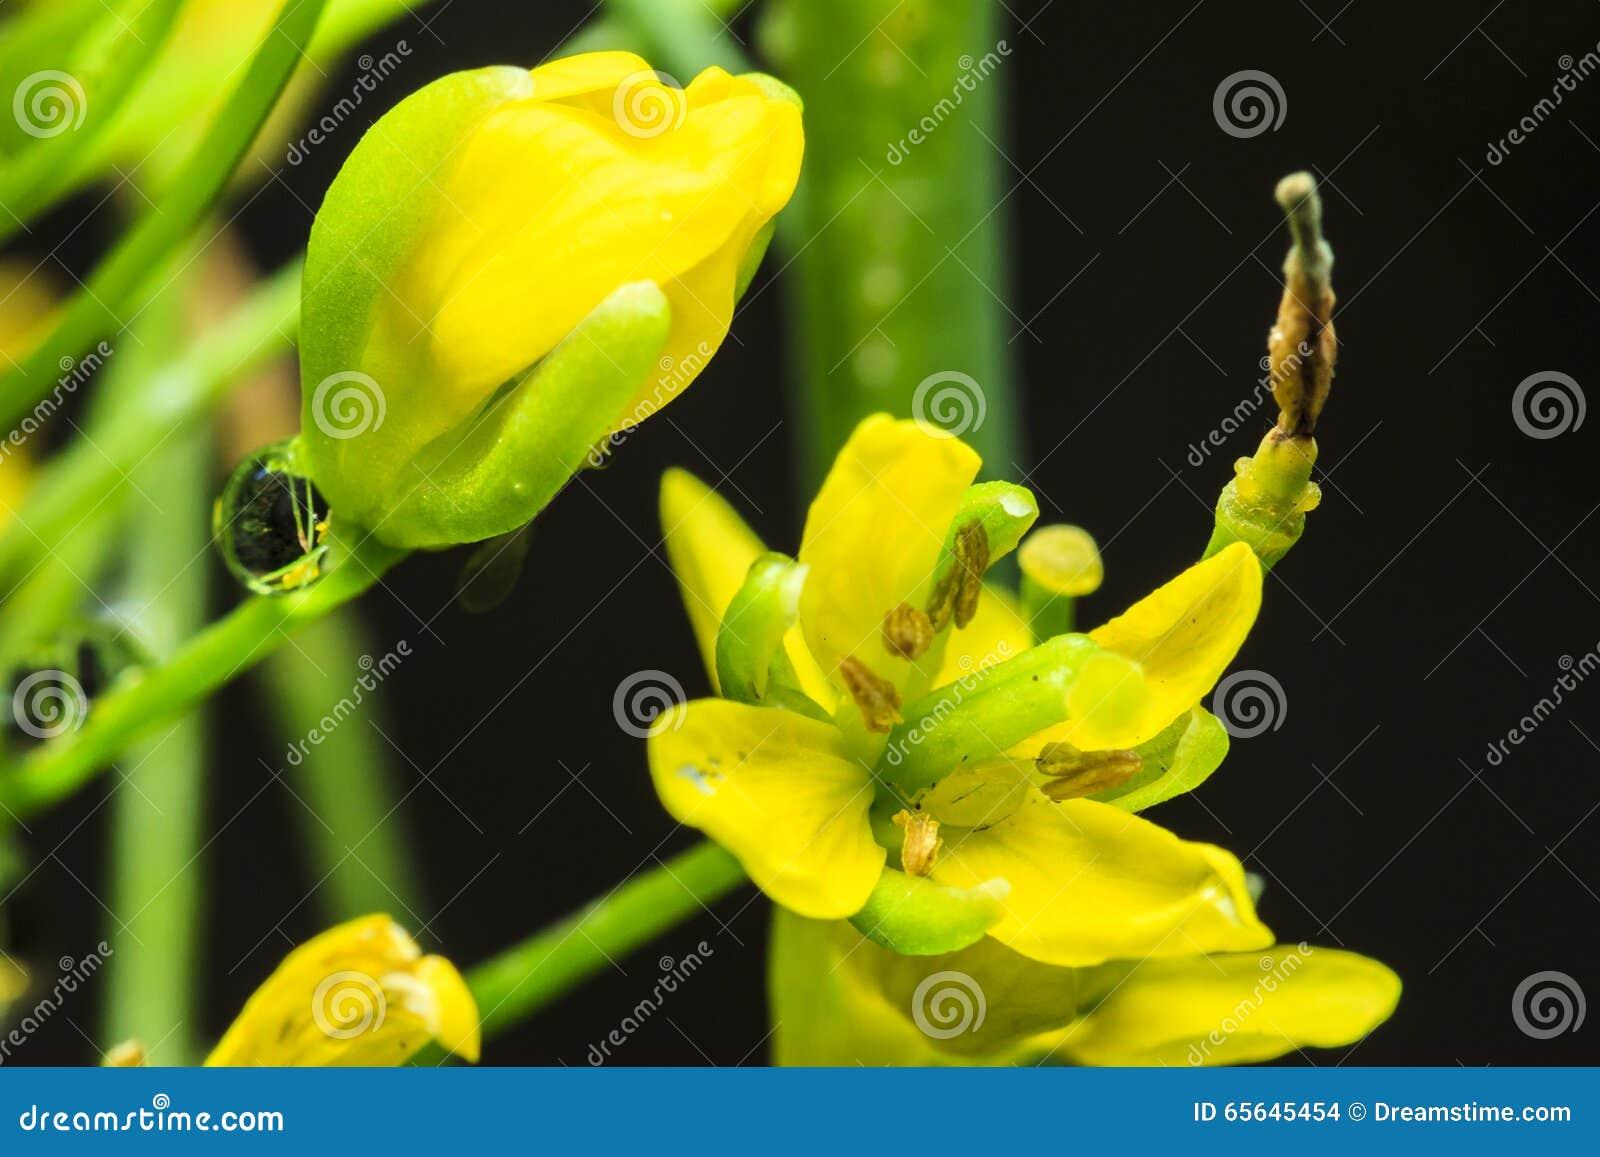 Chou fleurissant